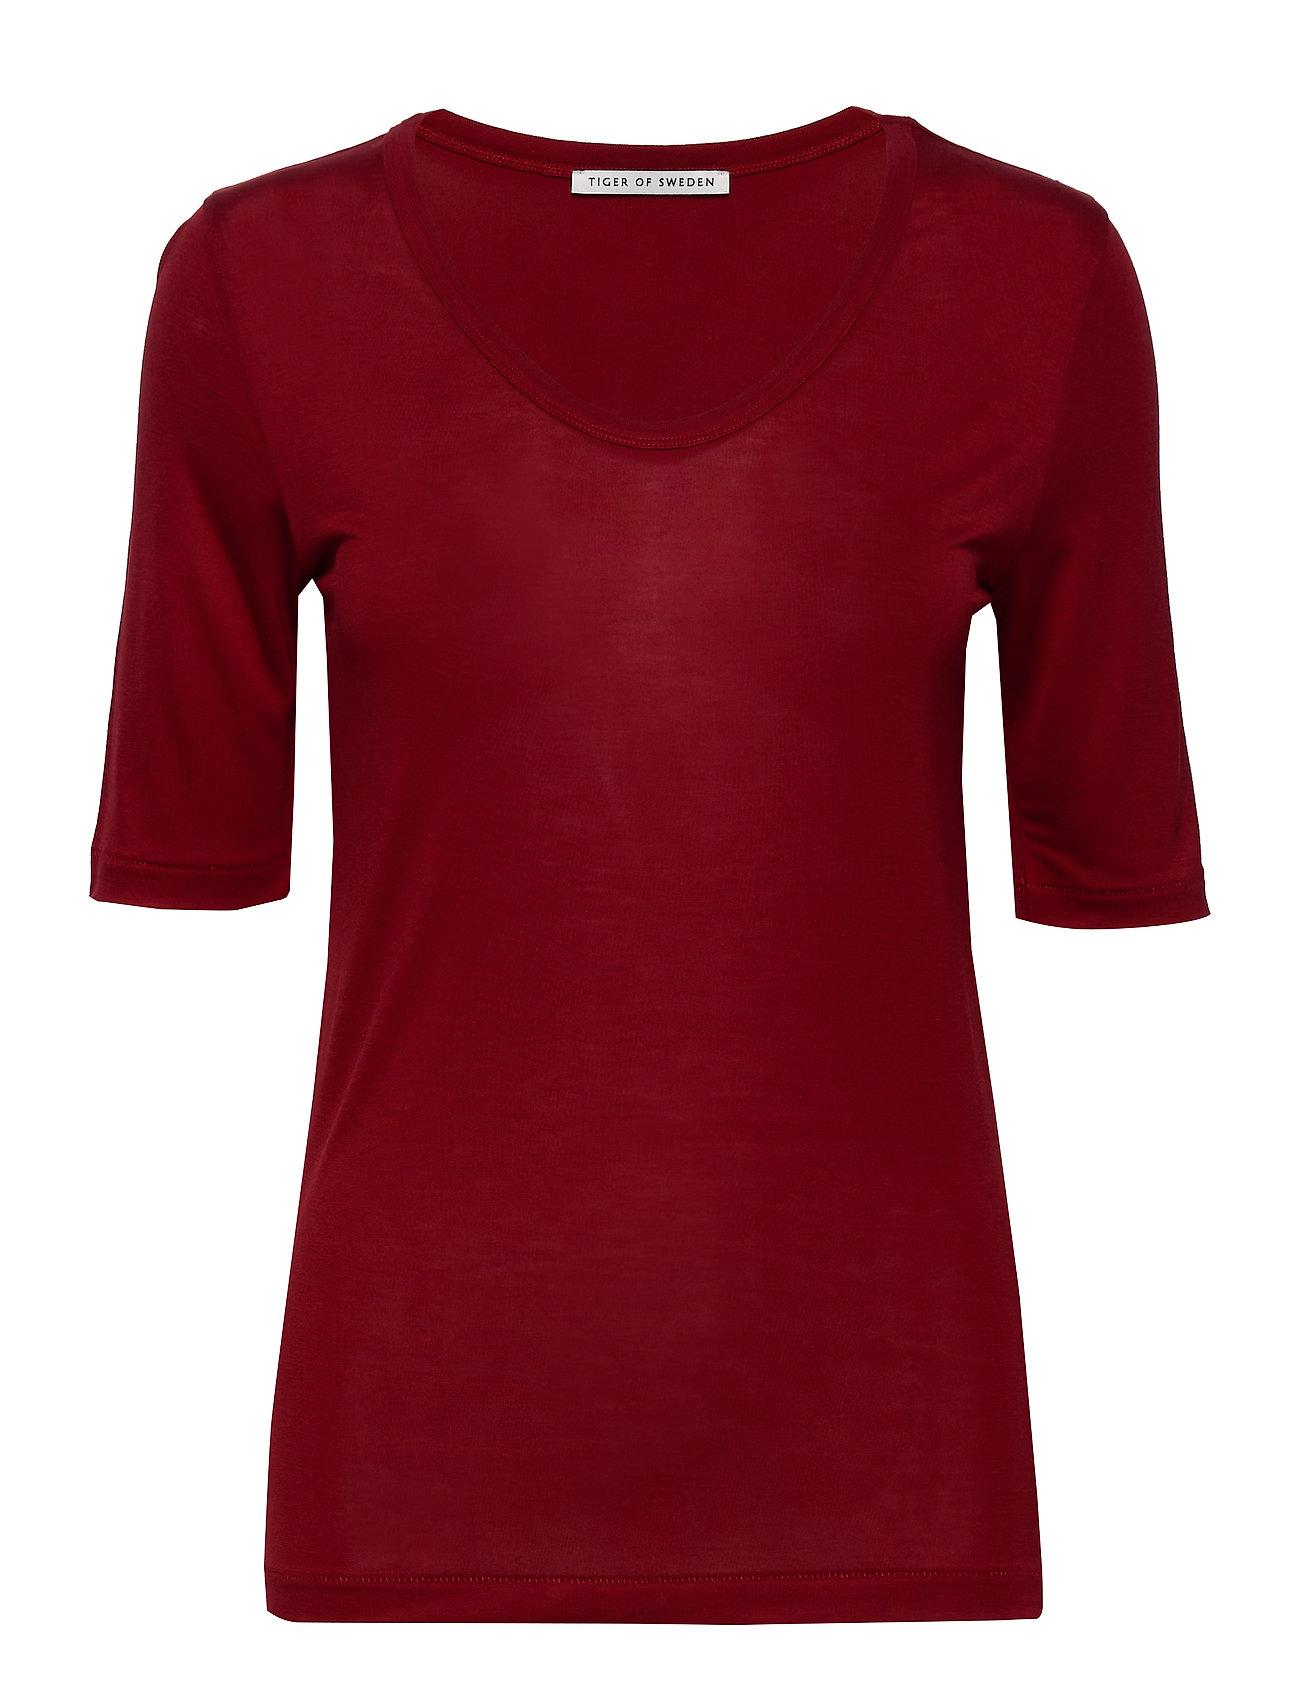 Image of Lerna T-shirt Top Rød Tiger Of Sweden (3416361861)